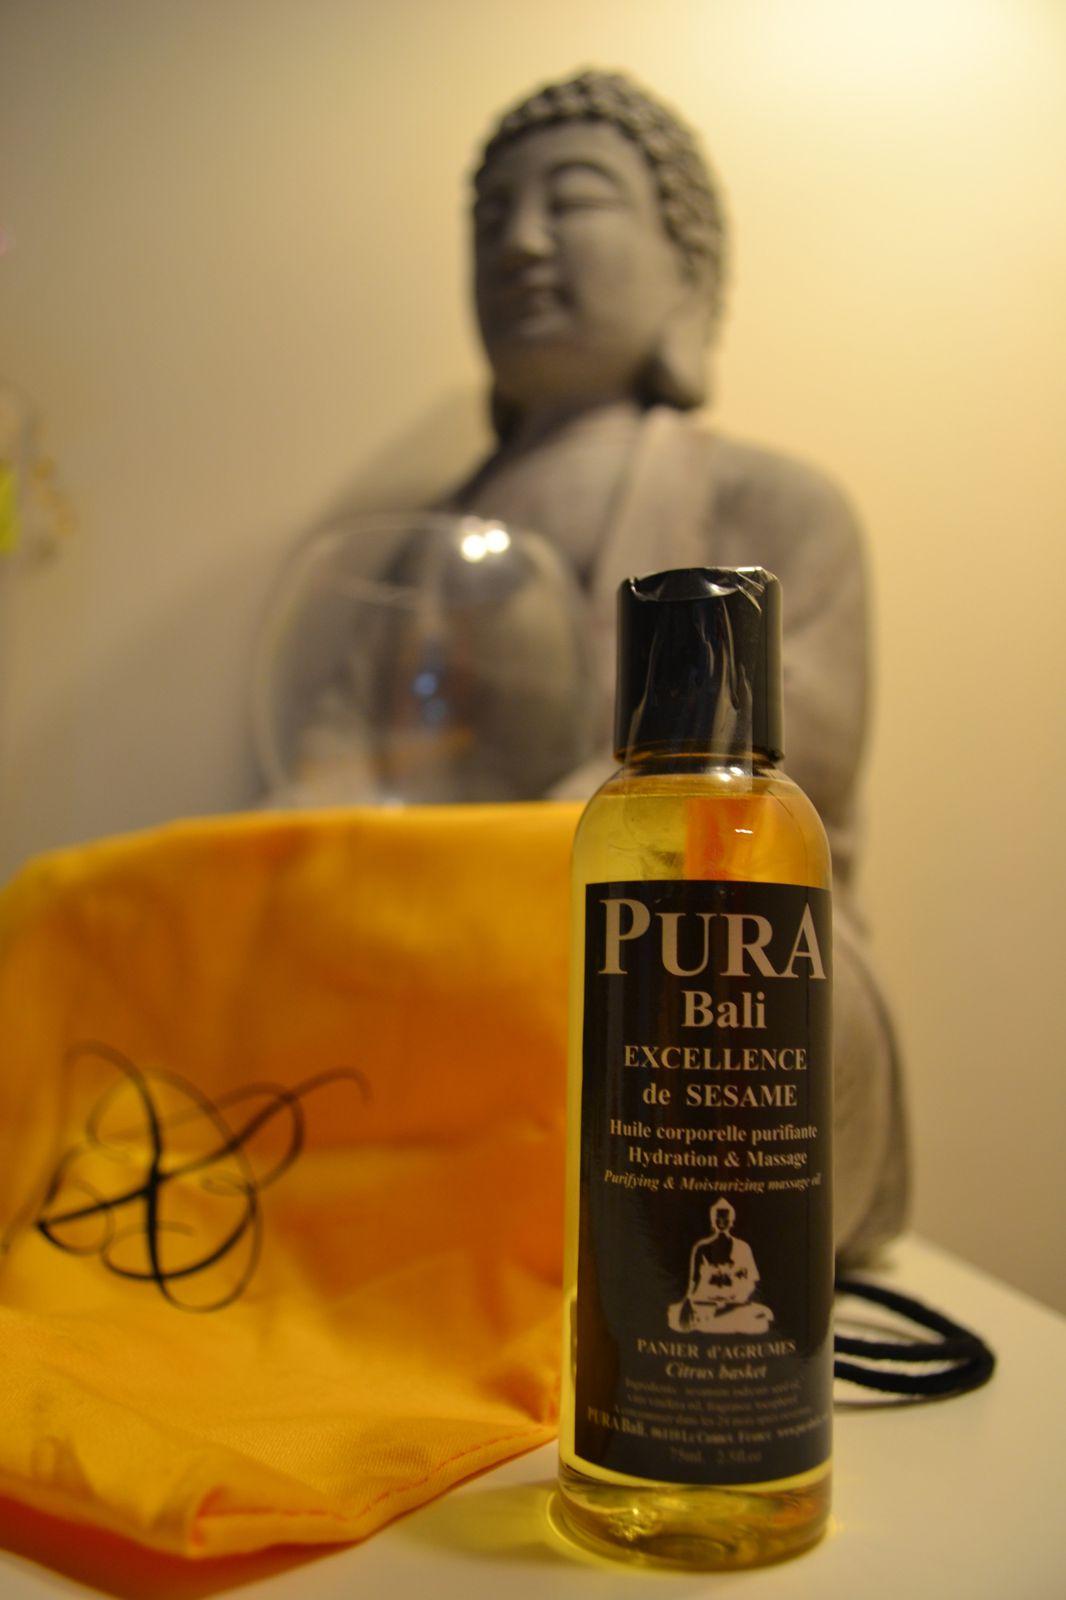 Une huile corporelle purifiante au sésame Pura Bali. Encore une fois l'odeur me fait penser à l'un de mes soins pendant la thalasso: modelage balinais. Top